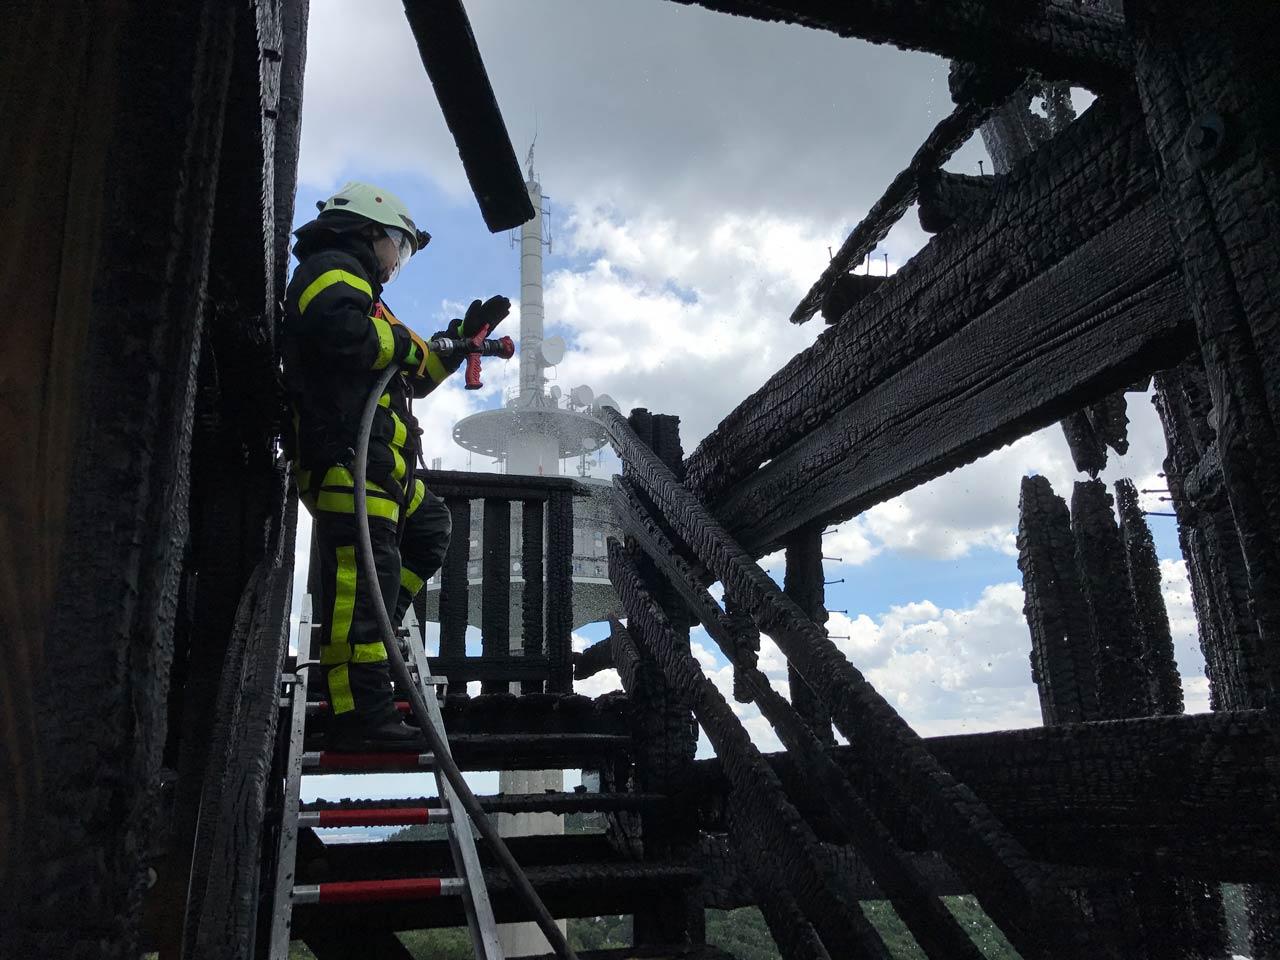 Atzelbergturm Feuerwehr Einsatz